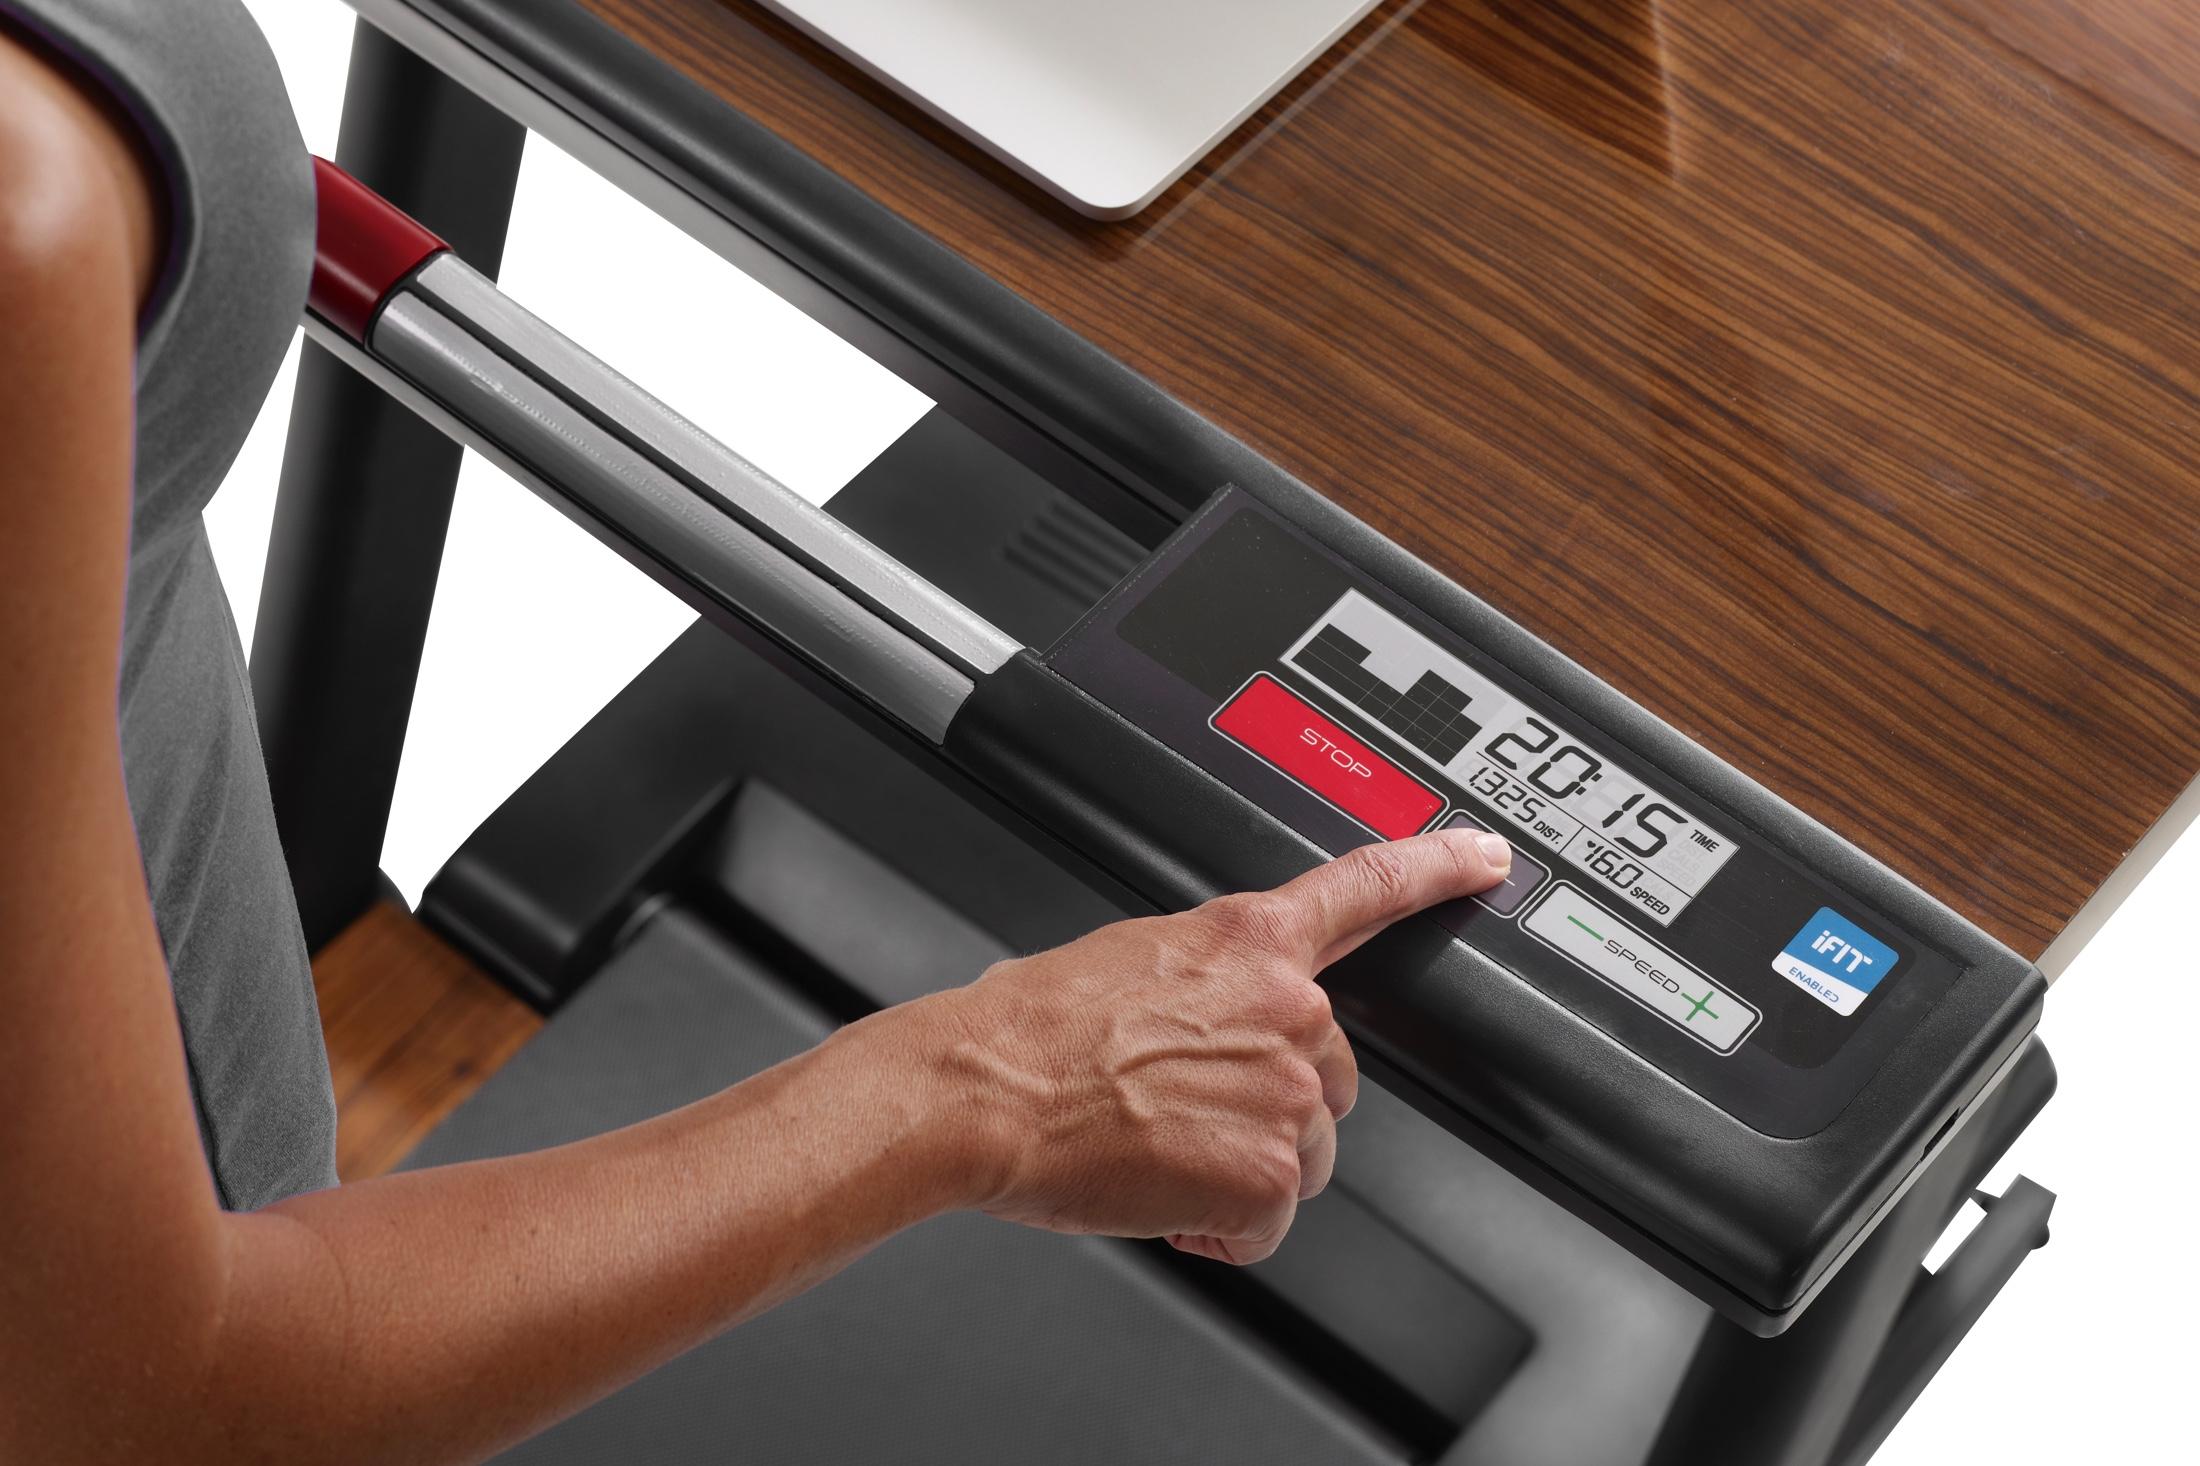 NordicTrack Treadmill Desk gallery image 5